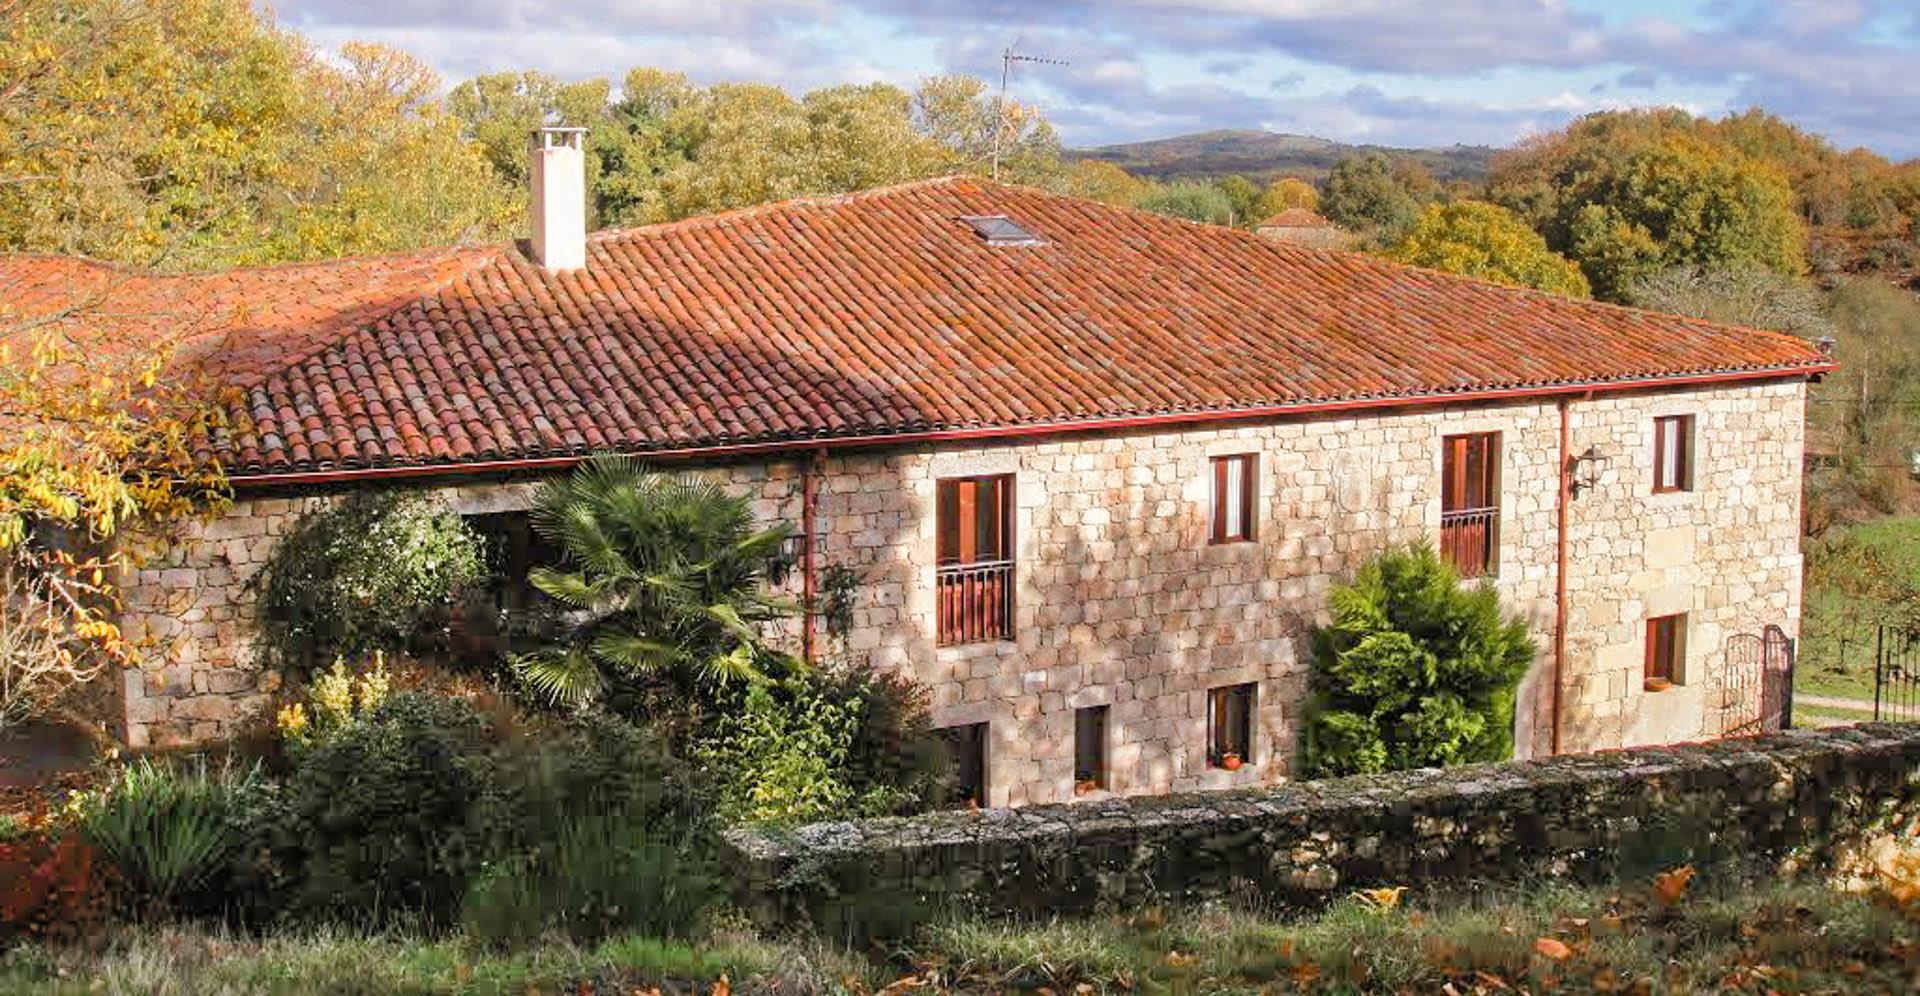 Hoteles apartamentos y casas rurales en espa a turismo - Hoteles cerca casa campo madrid ...